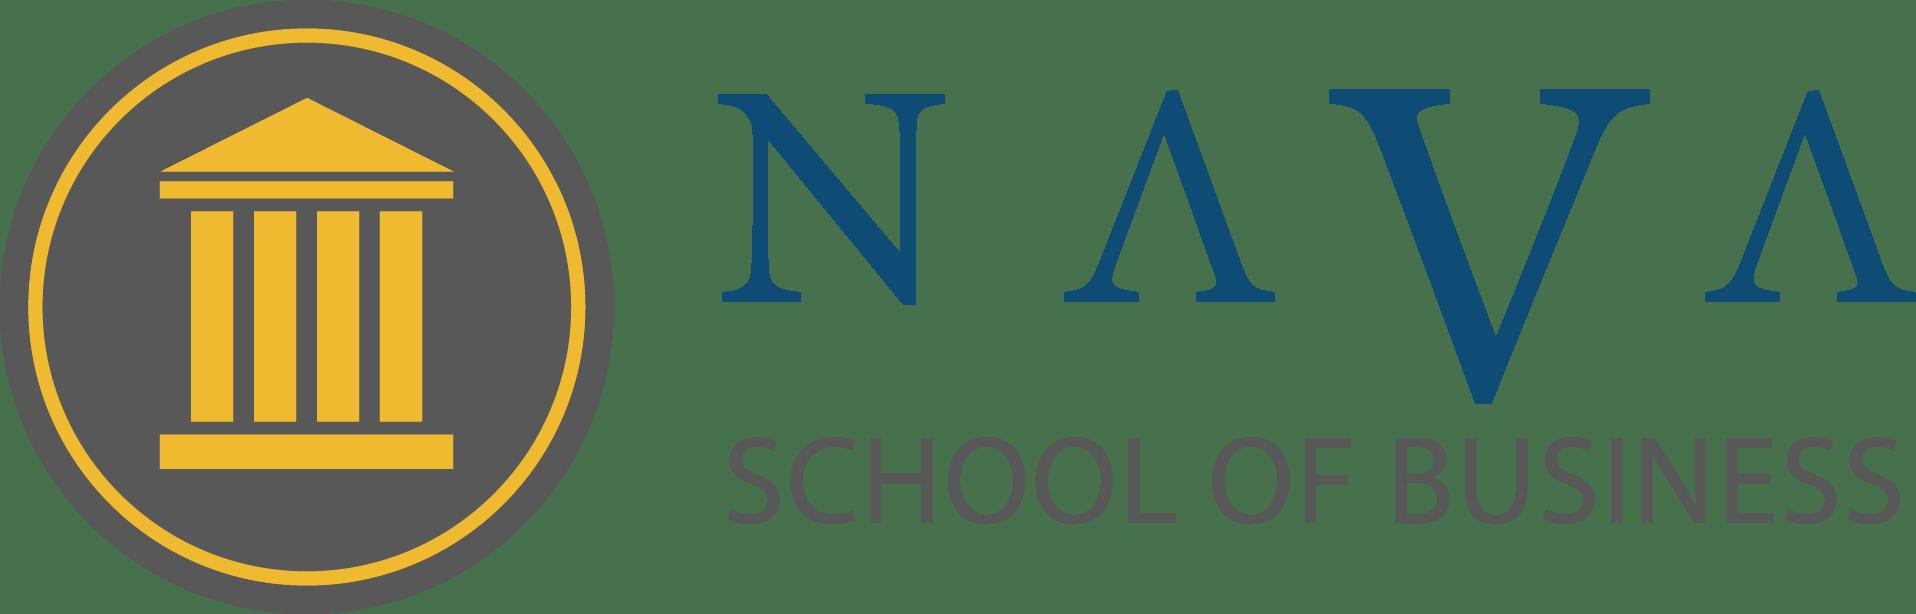 Nava School of Business